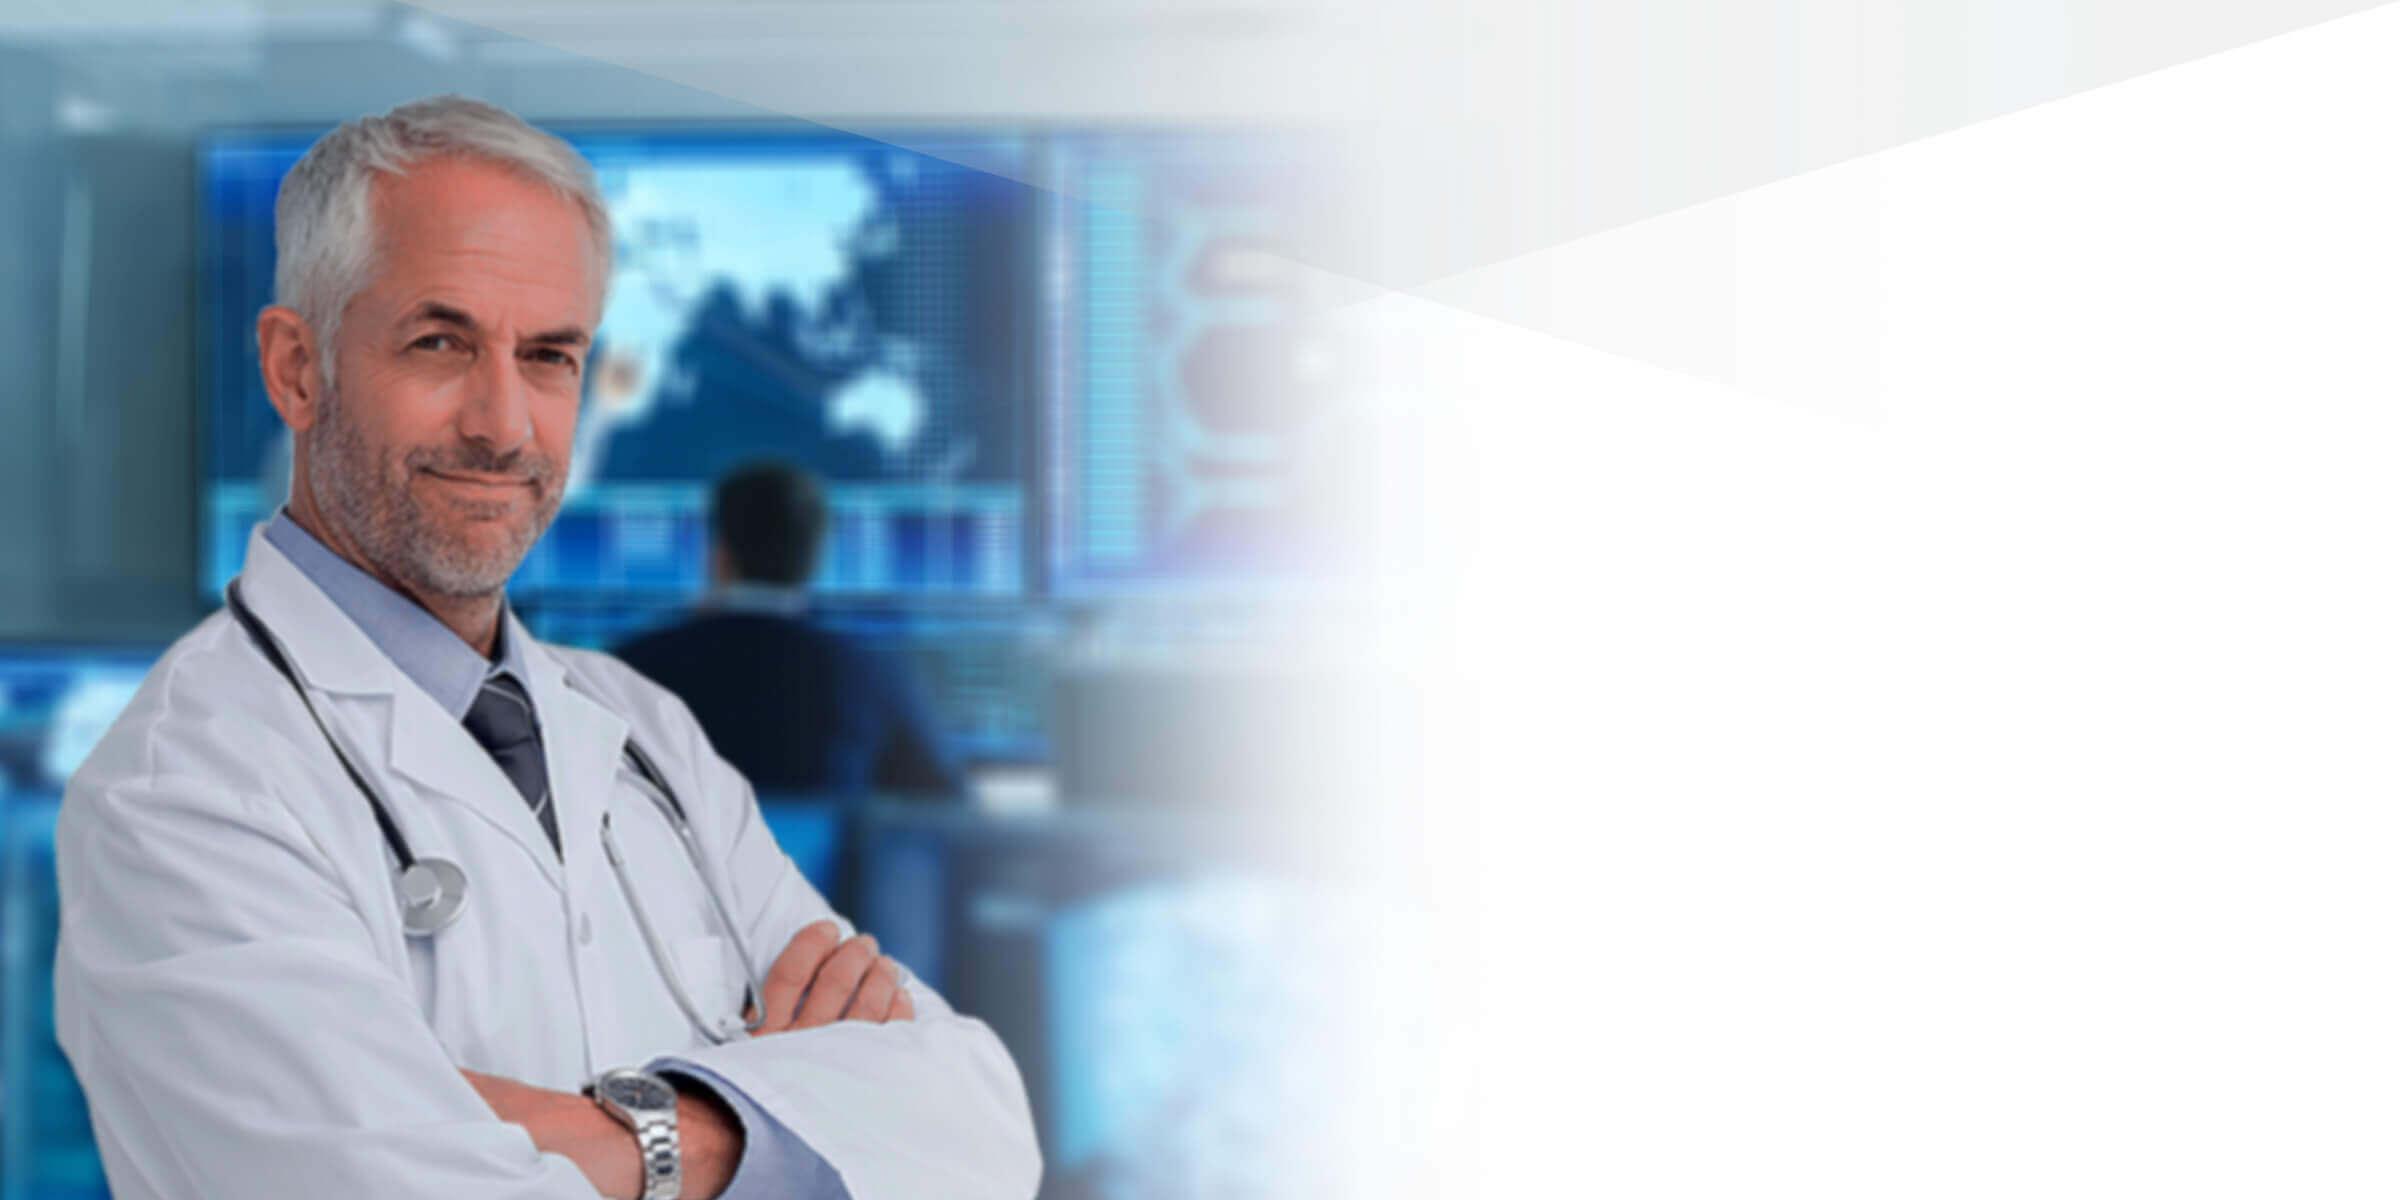 Asistencia médica - smarthouse.com